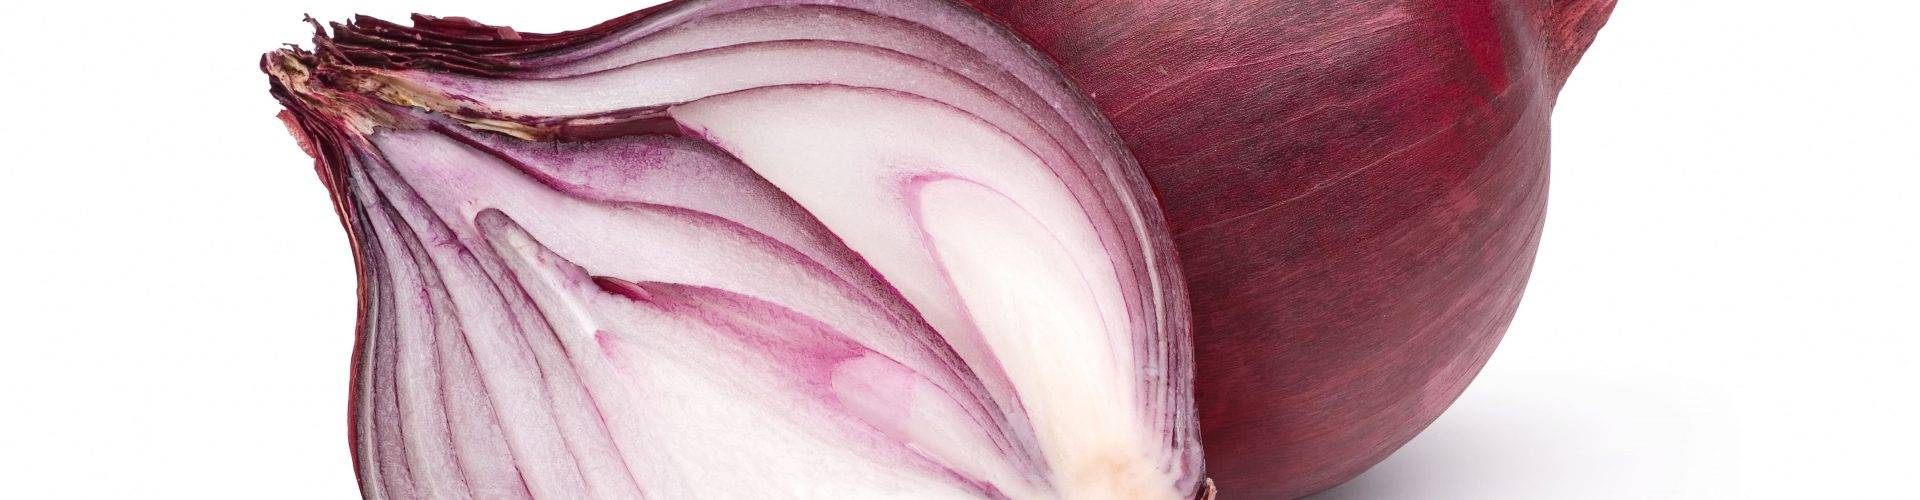 La cebolla, imprescindible en la cocina